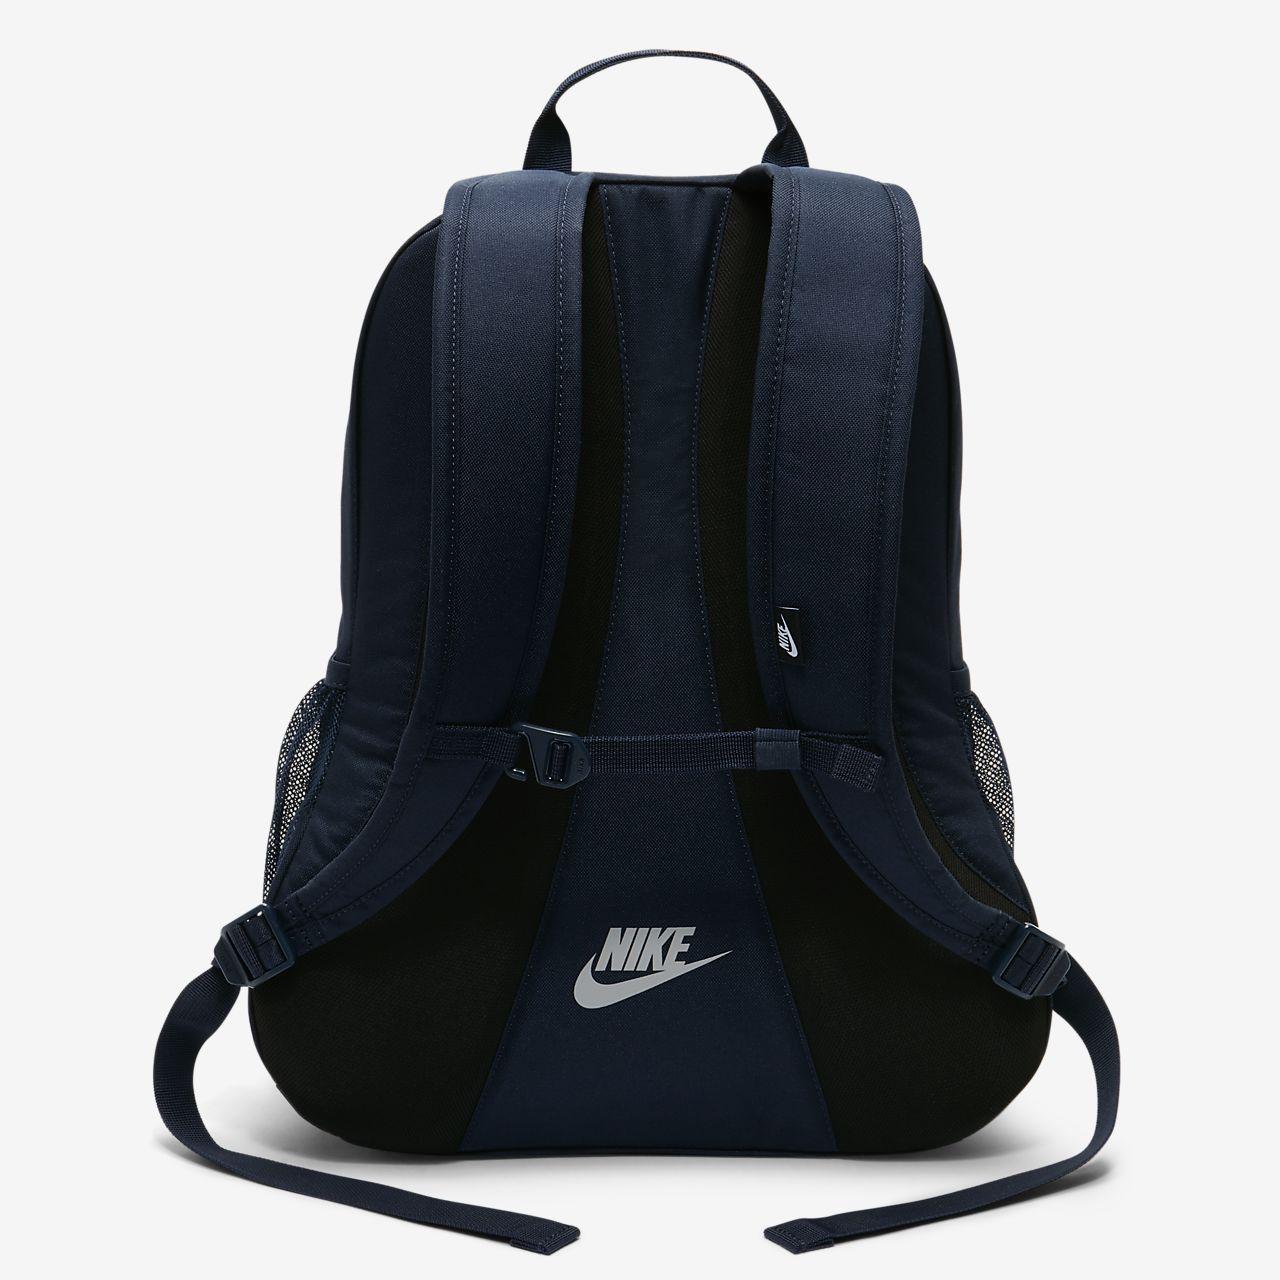 66944f2b99 Dos Nike Sac 0Be Futura À Hayward 2 Sportswear Y6yv7fbg